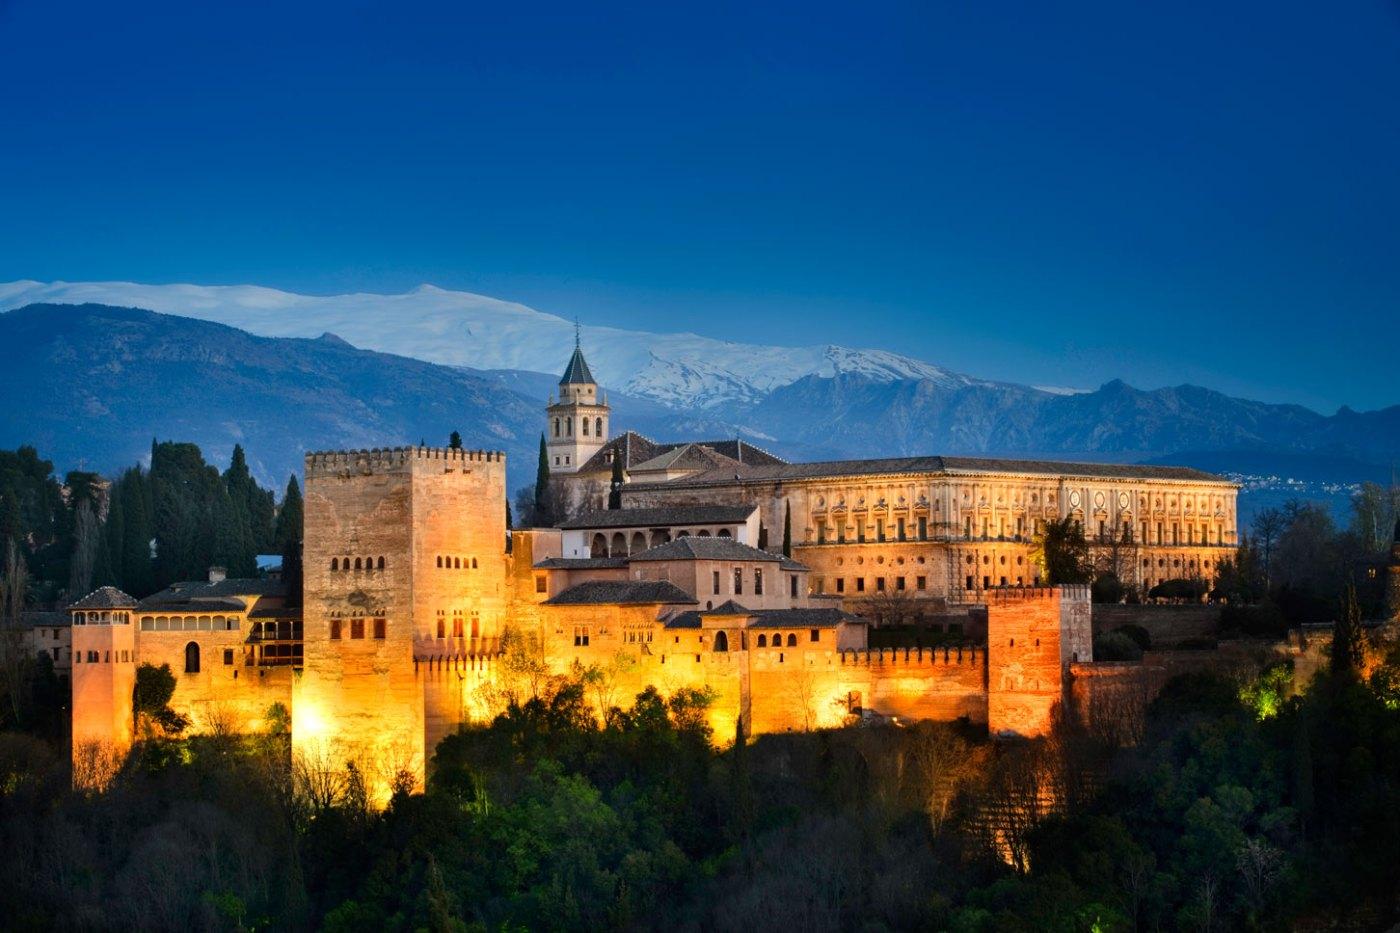 alhambra-granada-12569503-istock.jpg